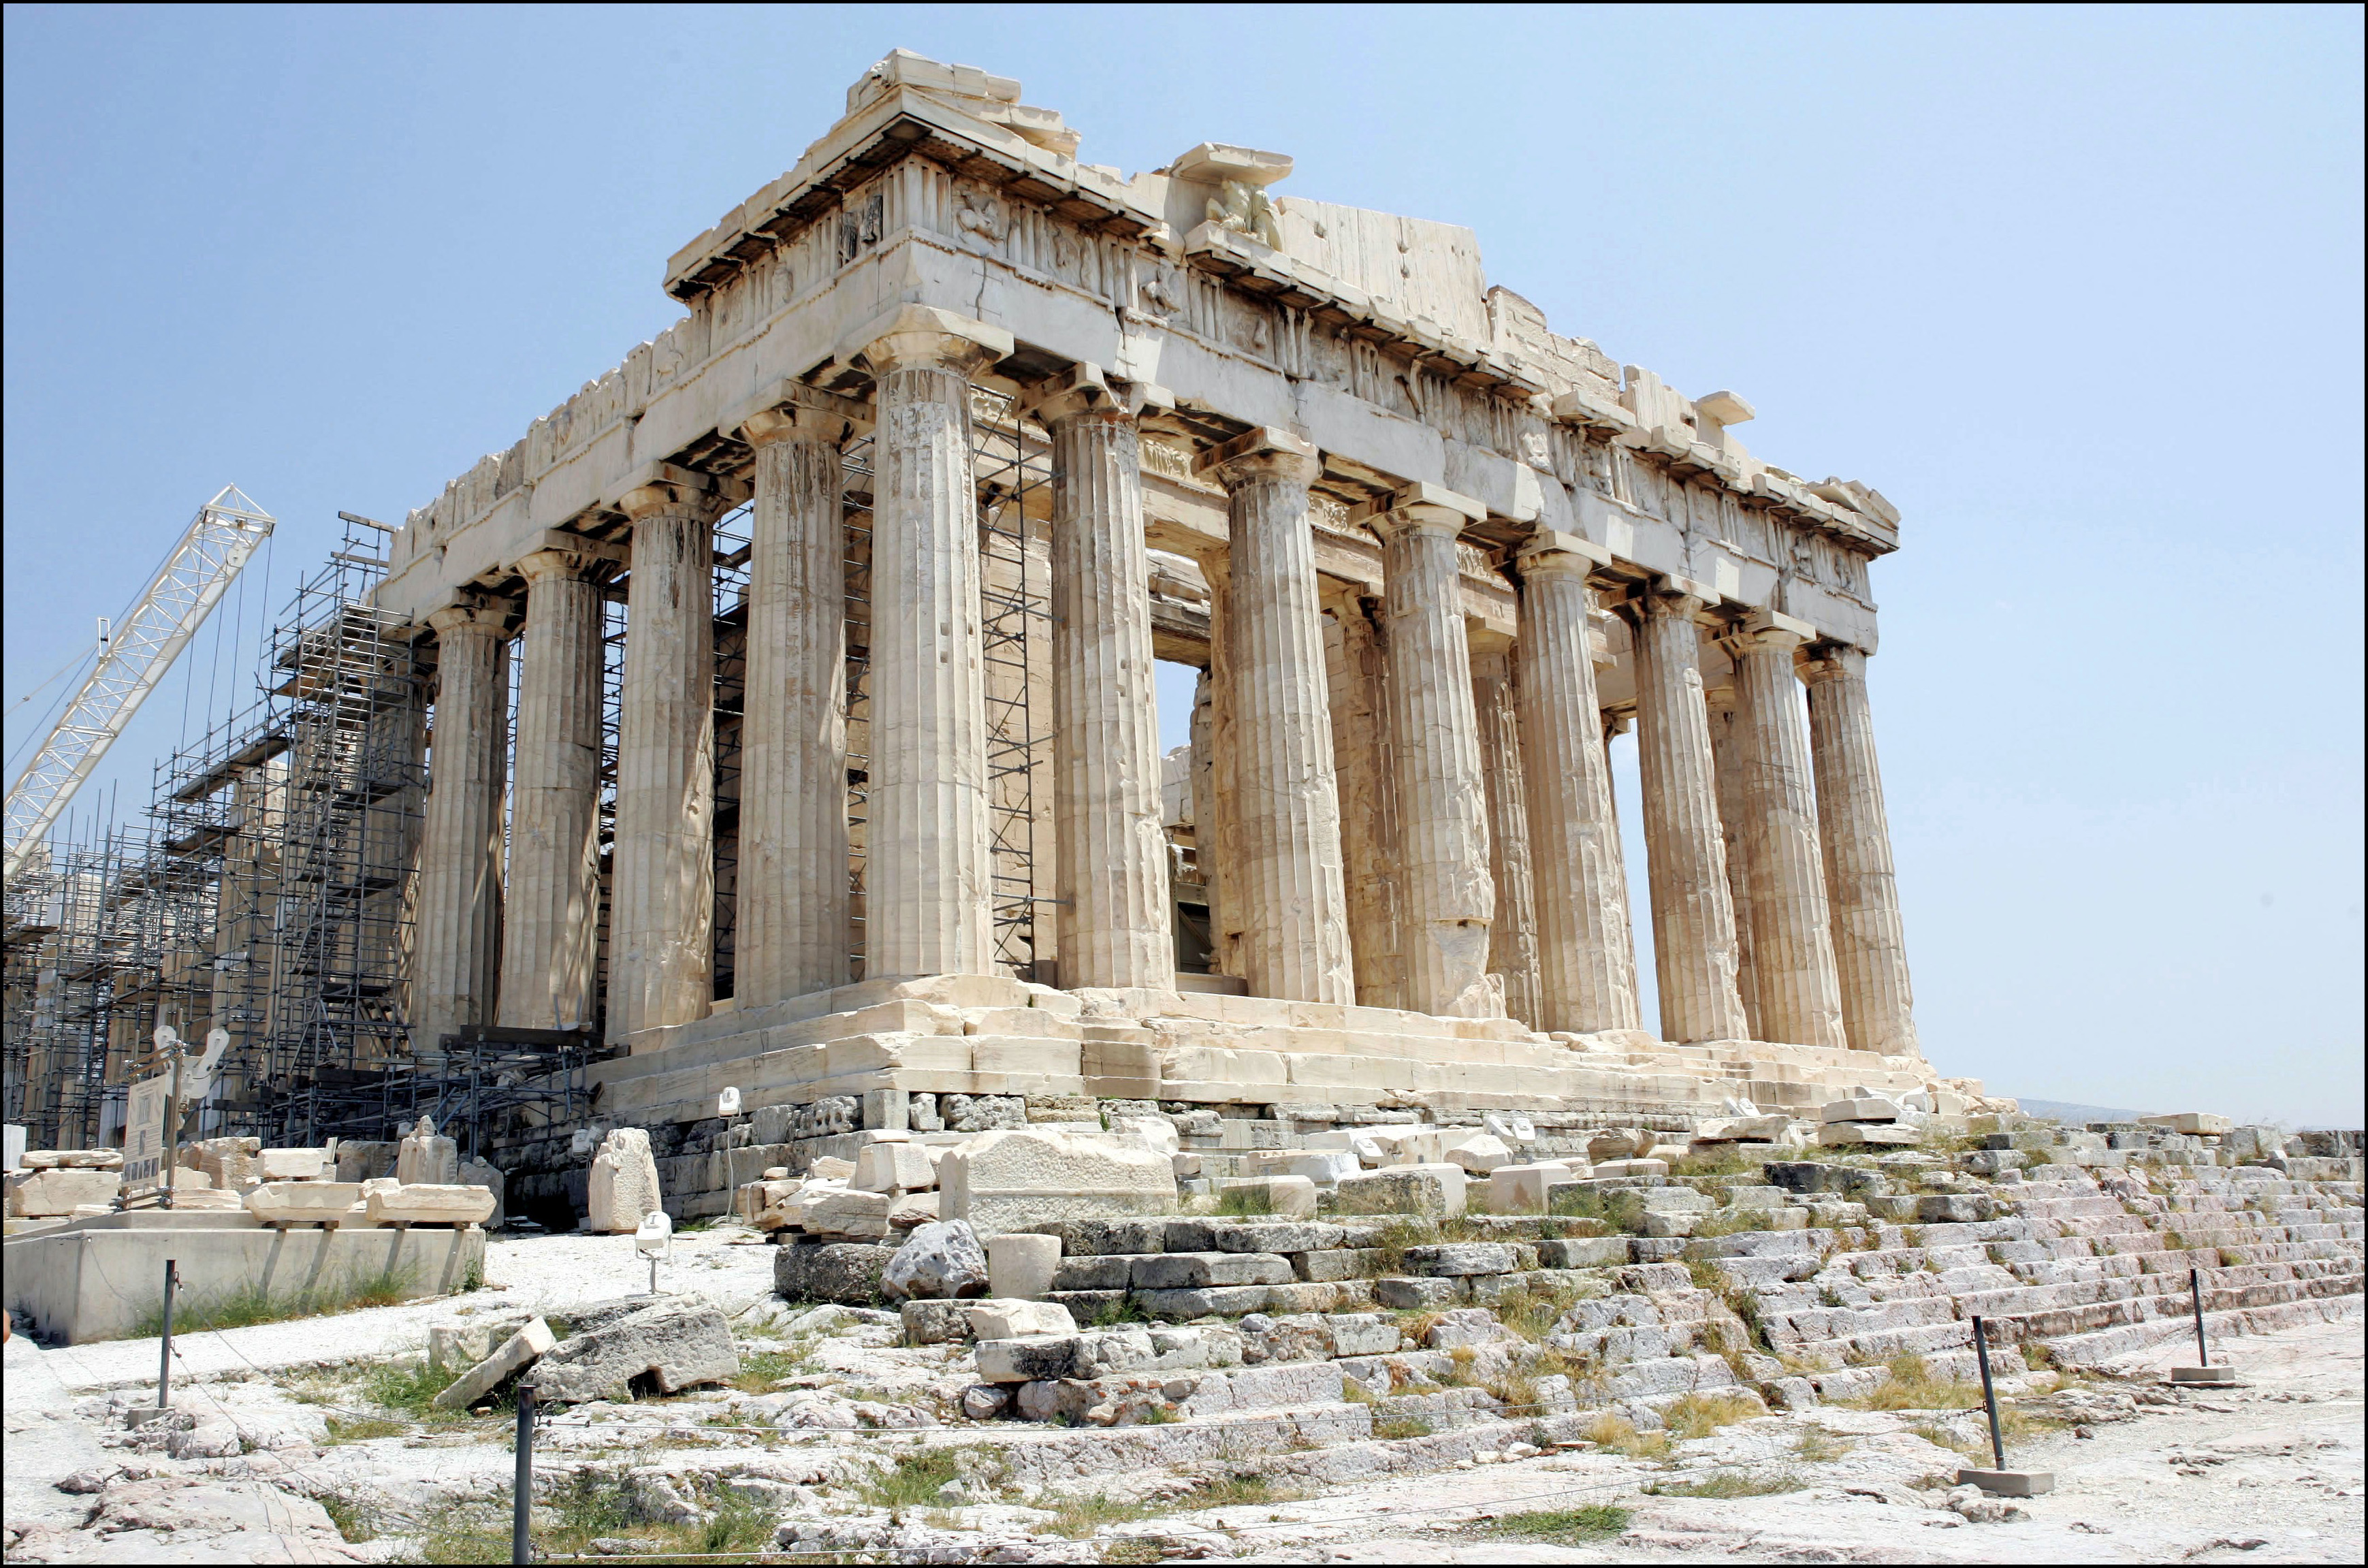 grecia volverá a permitir los desahucios para satisfacer a la troika